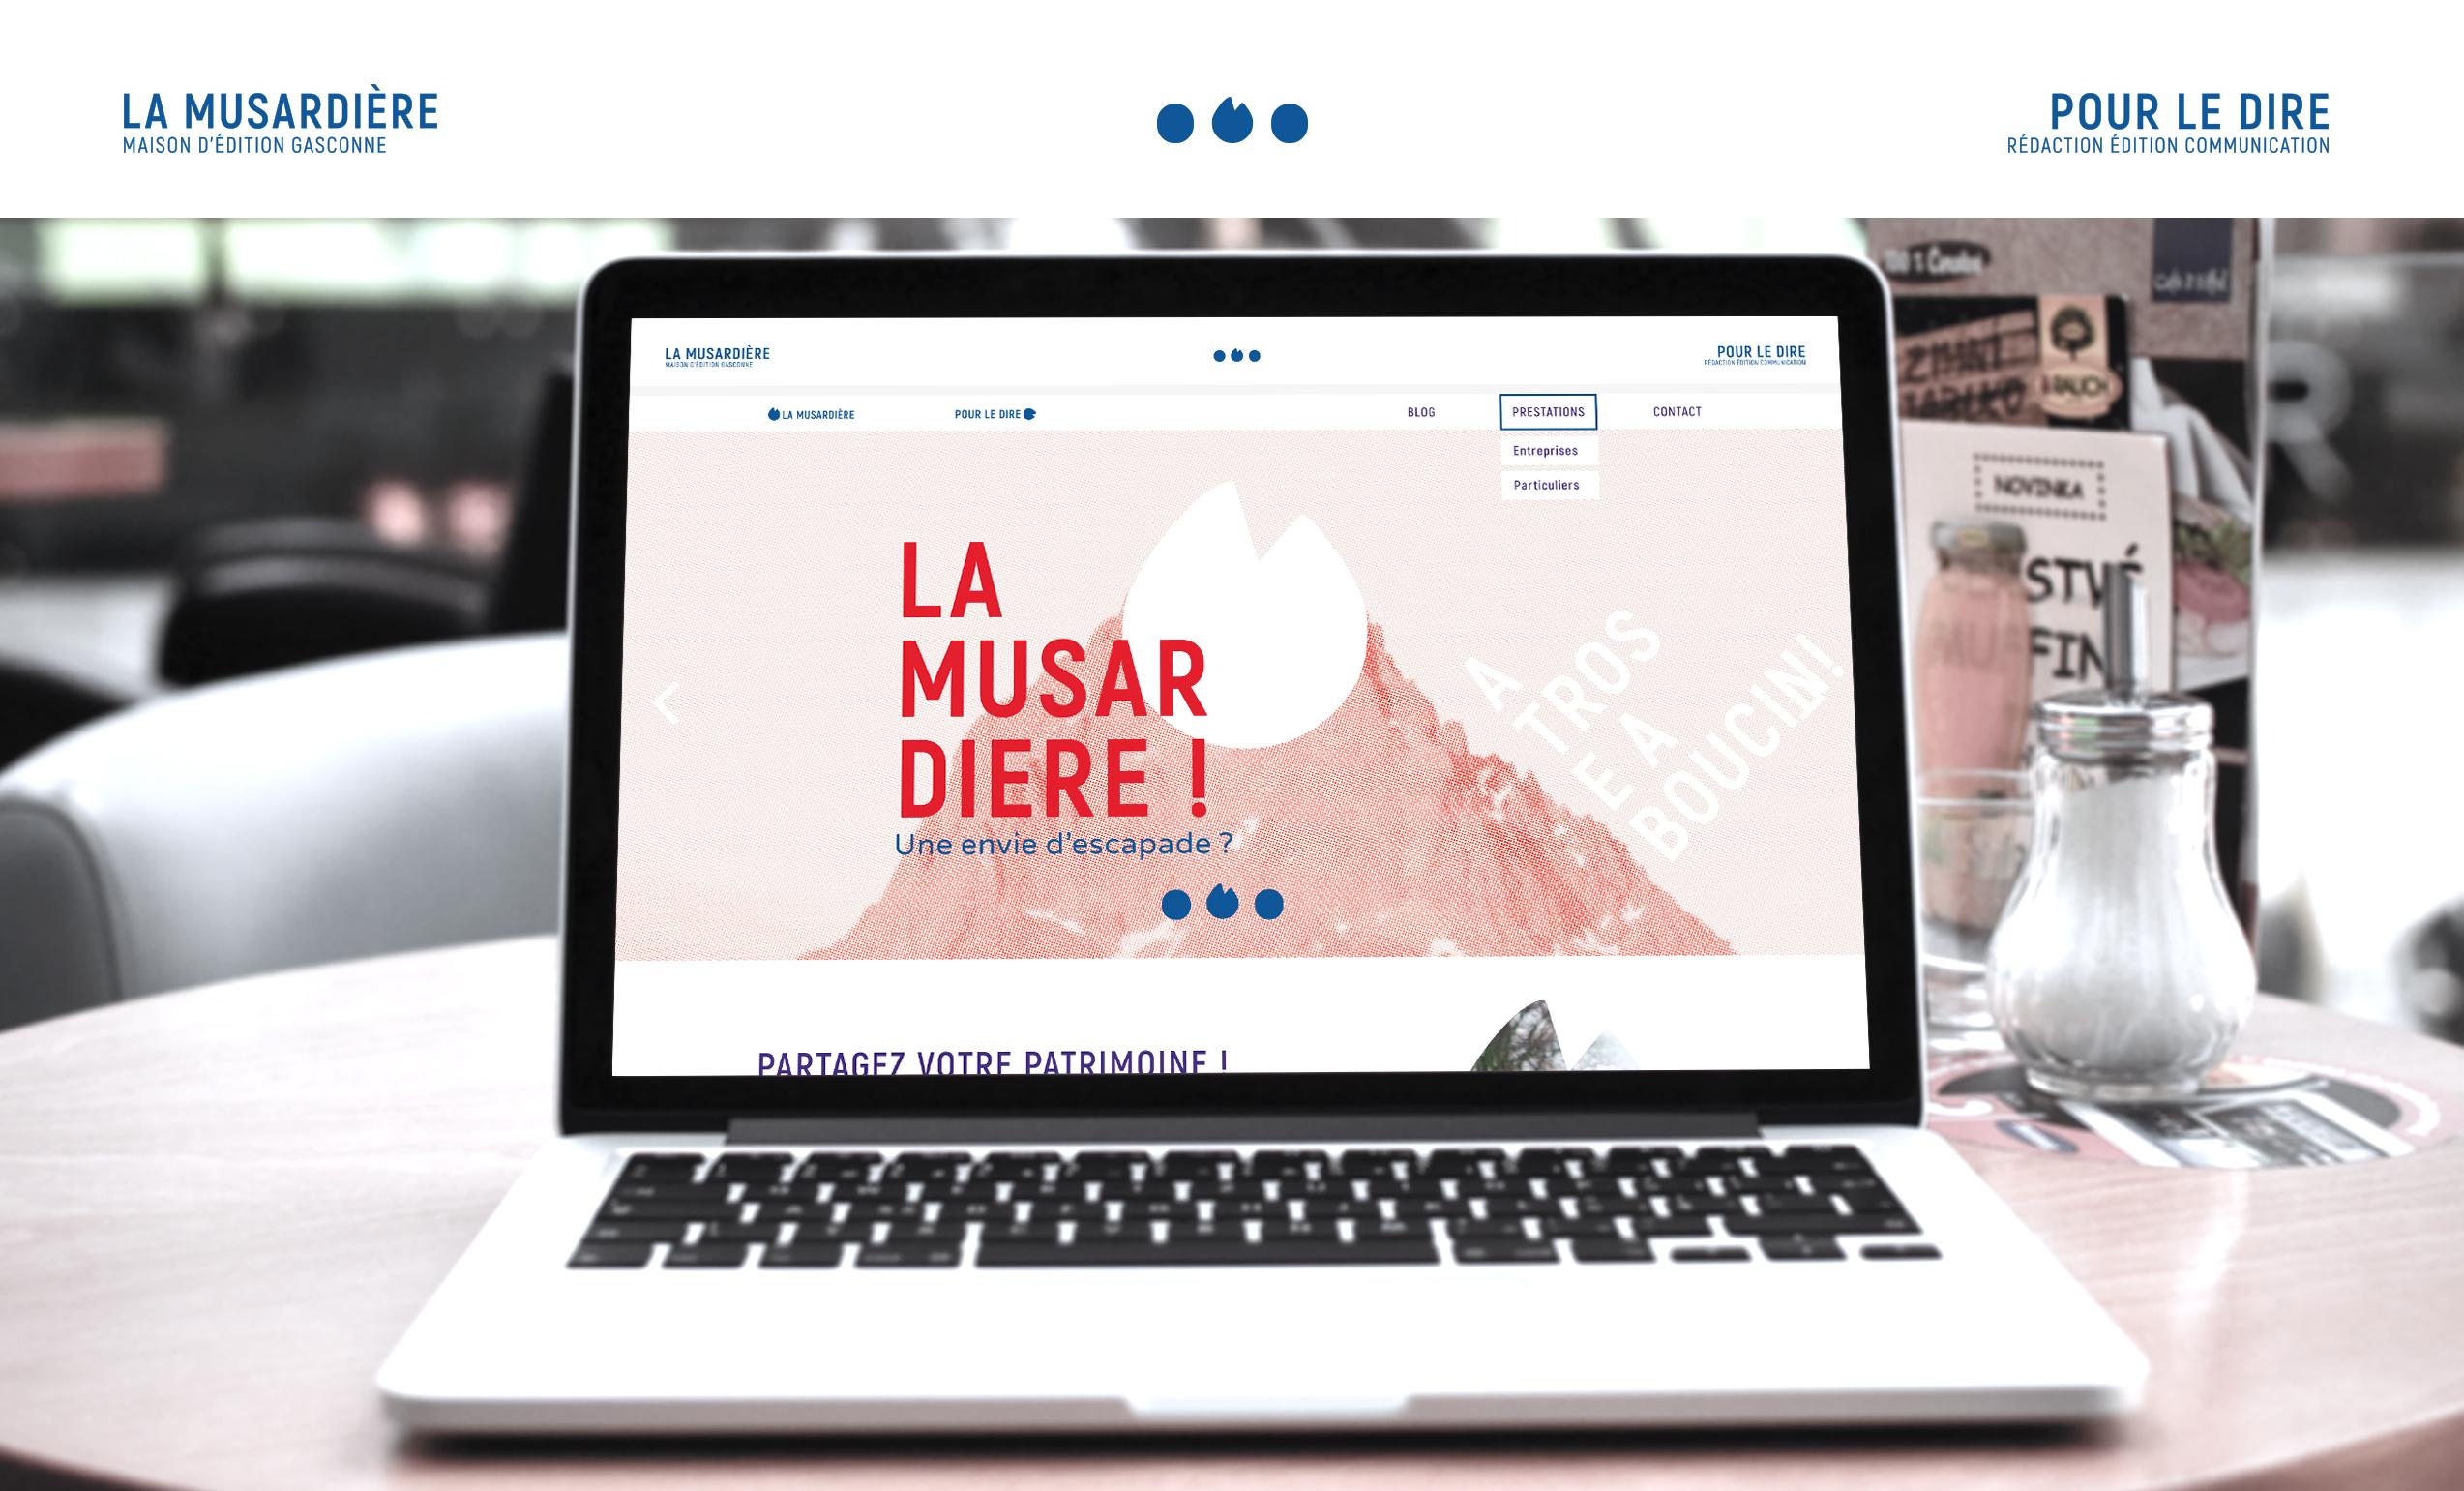 La Musardière, Maison d'édition gasconne.